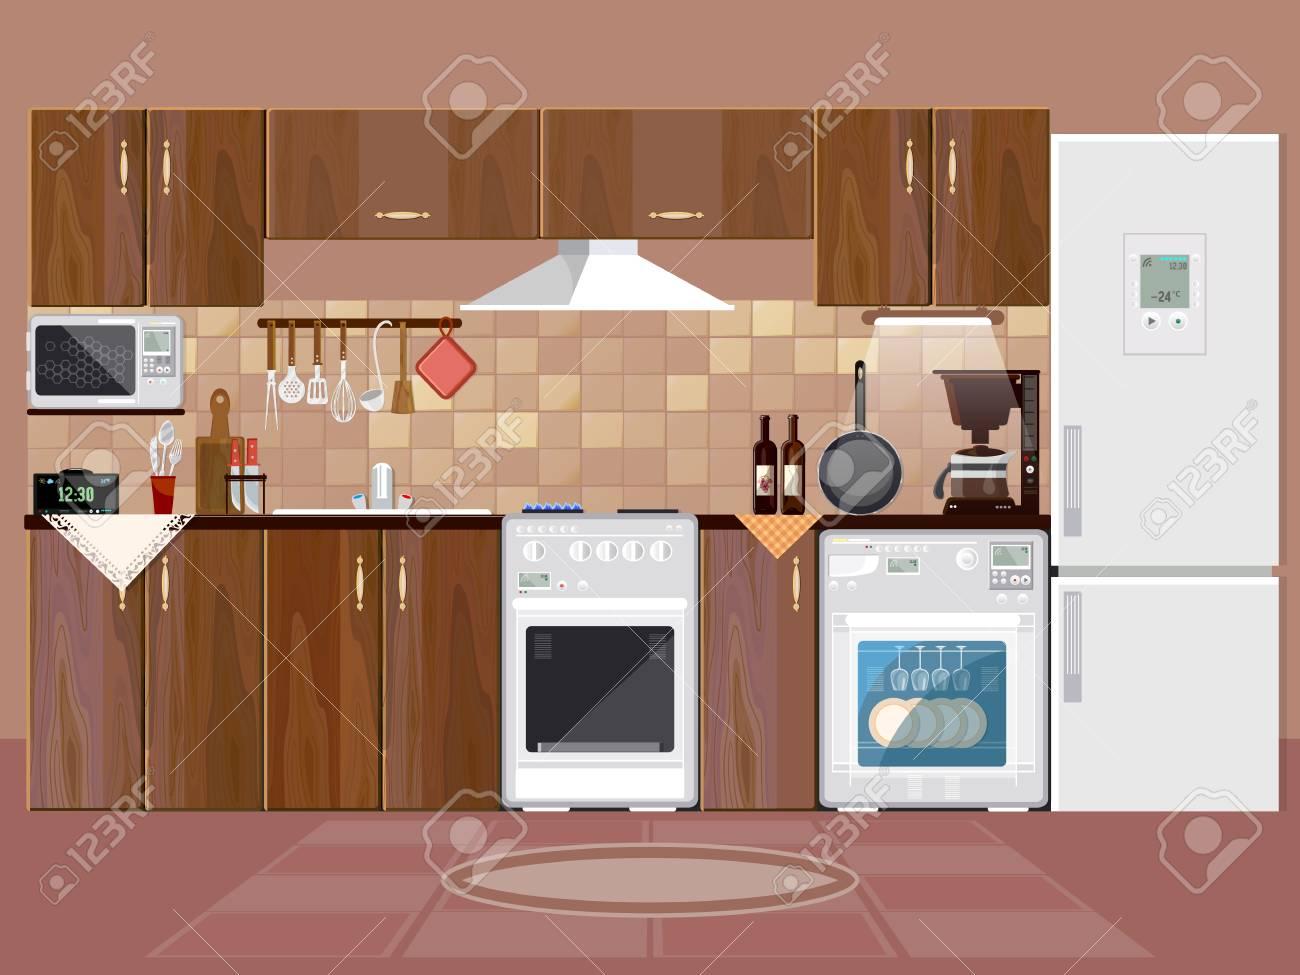 Fondo interior de cocina con muebles. Diseño de vector de plantilla de  cocina moderna